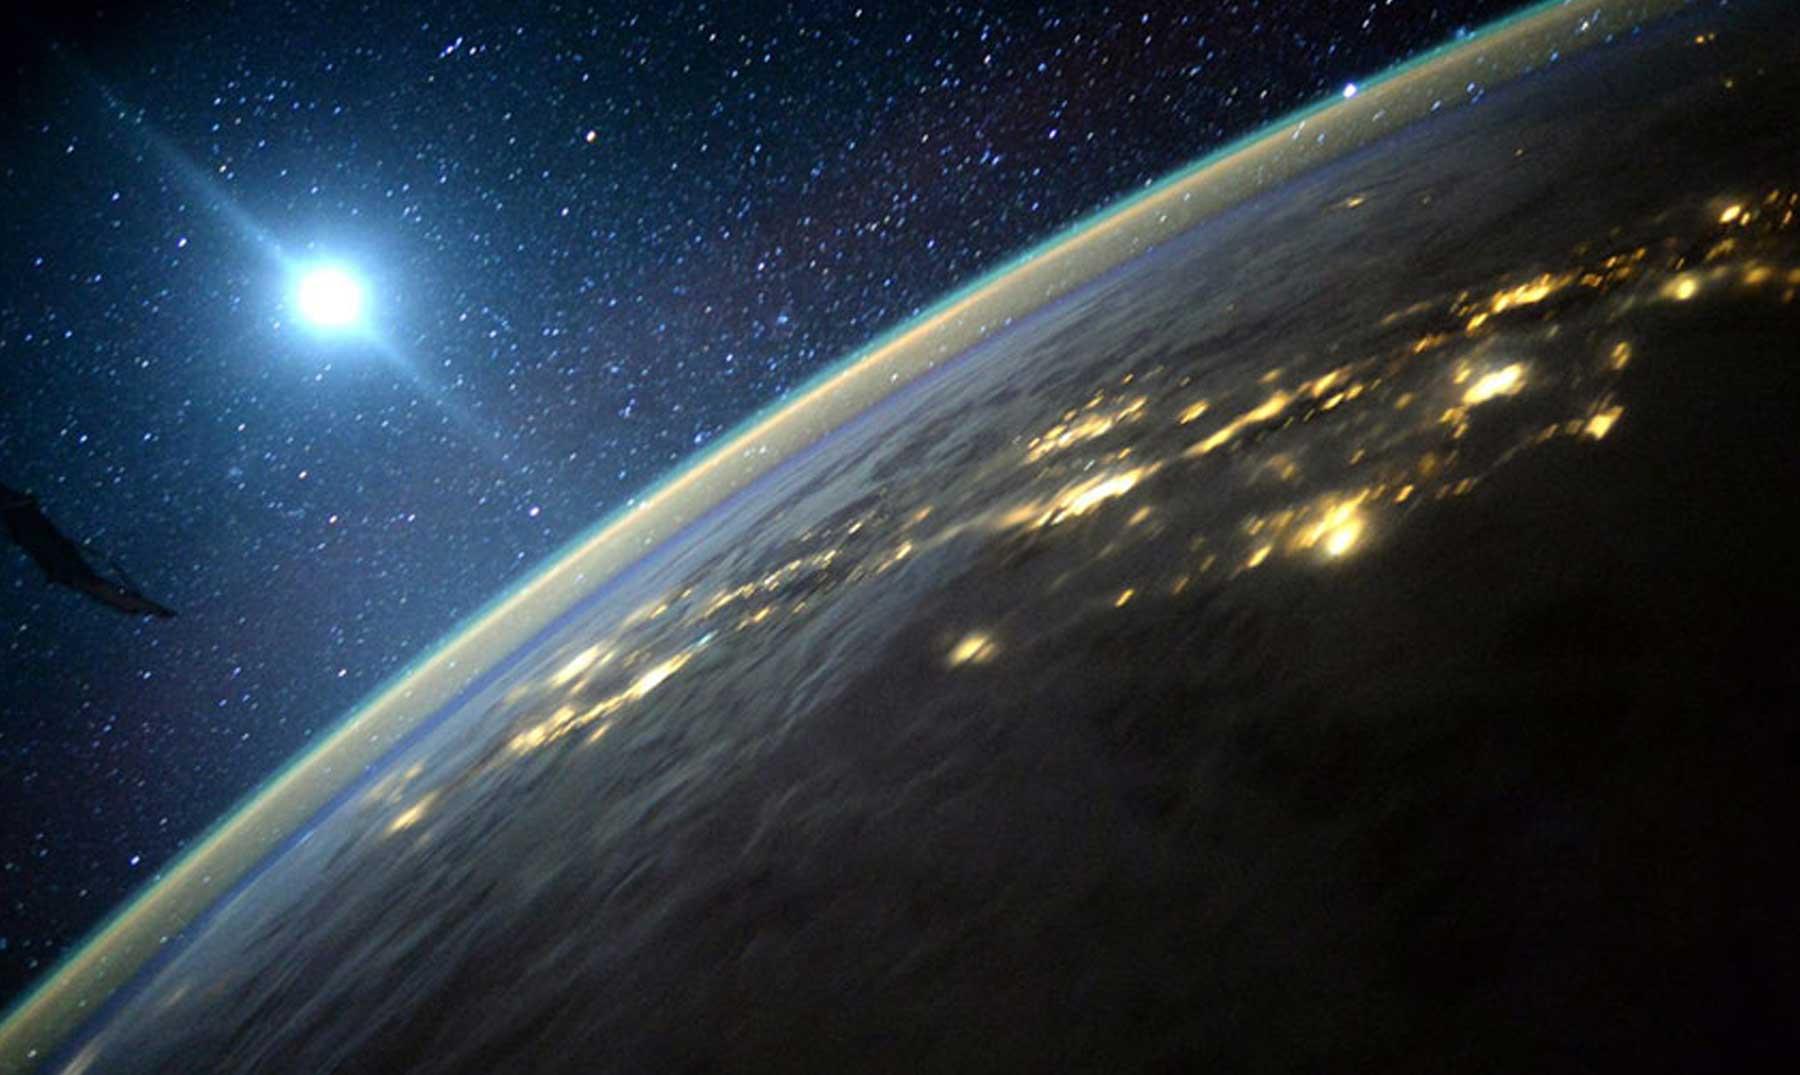 Una empresa lanza tus restos mortales al espacio exterior for Espacio exterior 4k